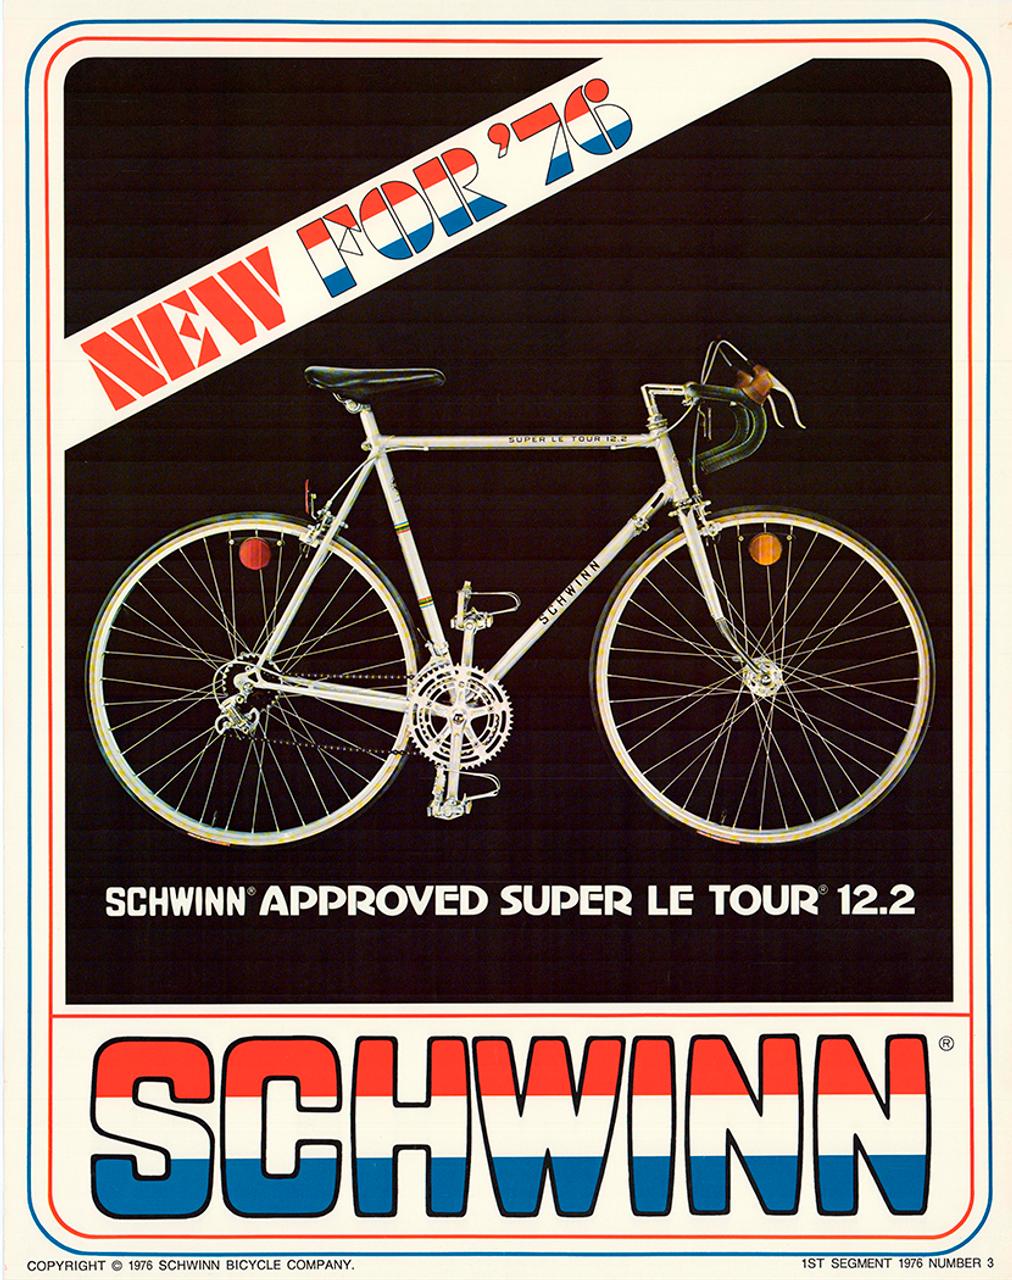 Schwinn Super Le Tour Original Vintage Bicycle Poster